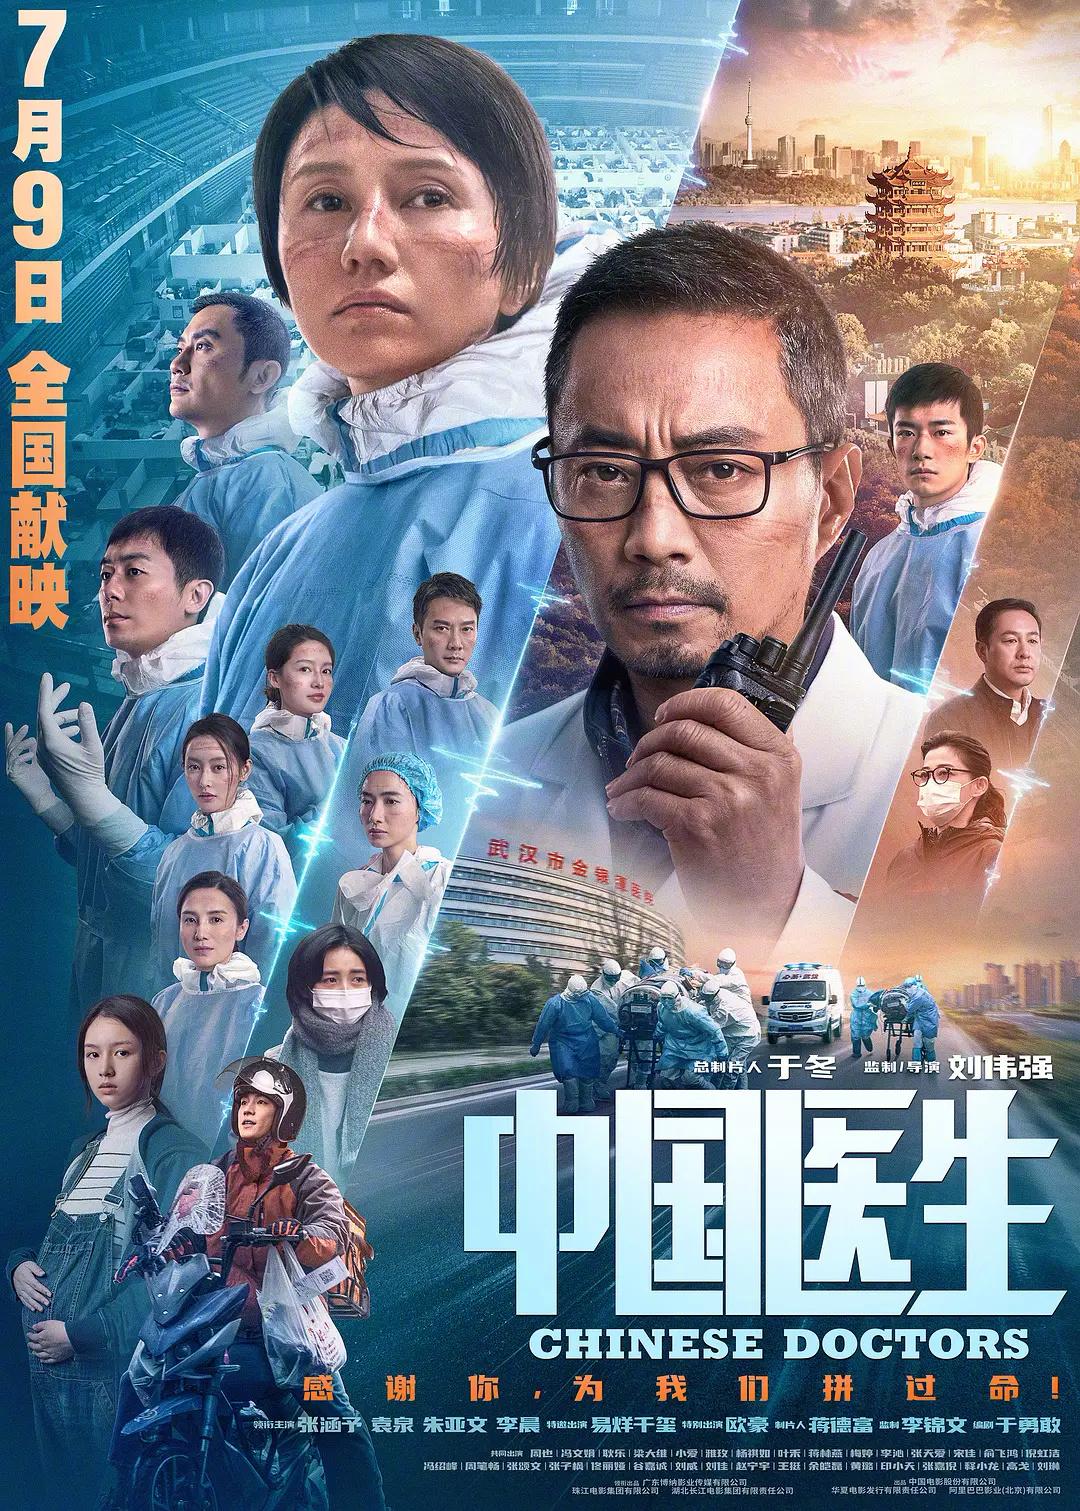 全国7月票房32亿 《中国医生》12亿排名第一